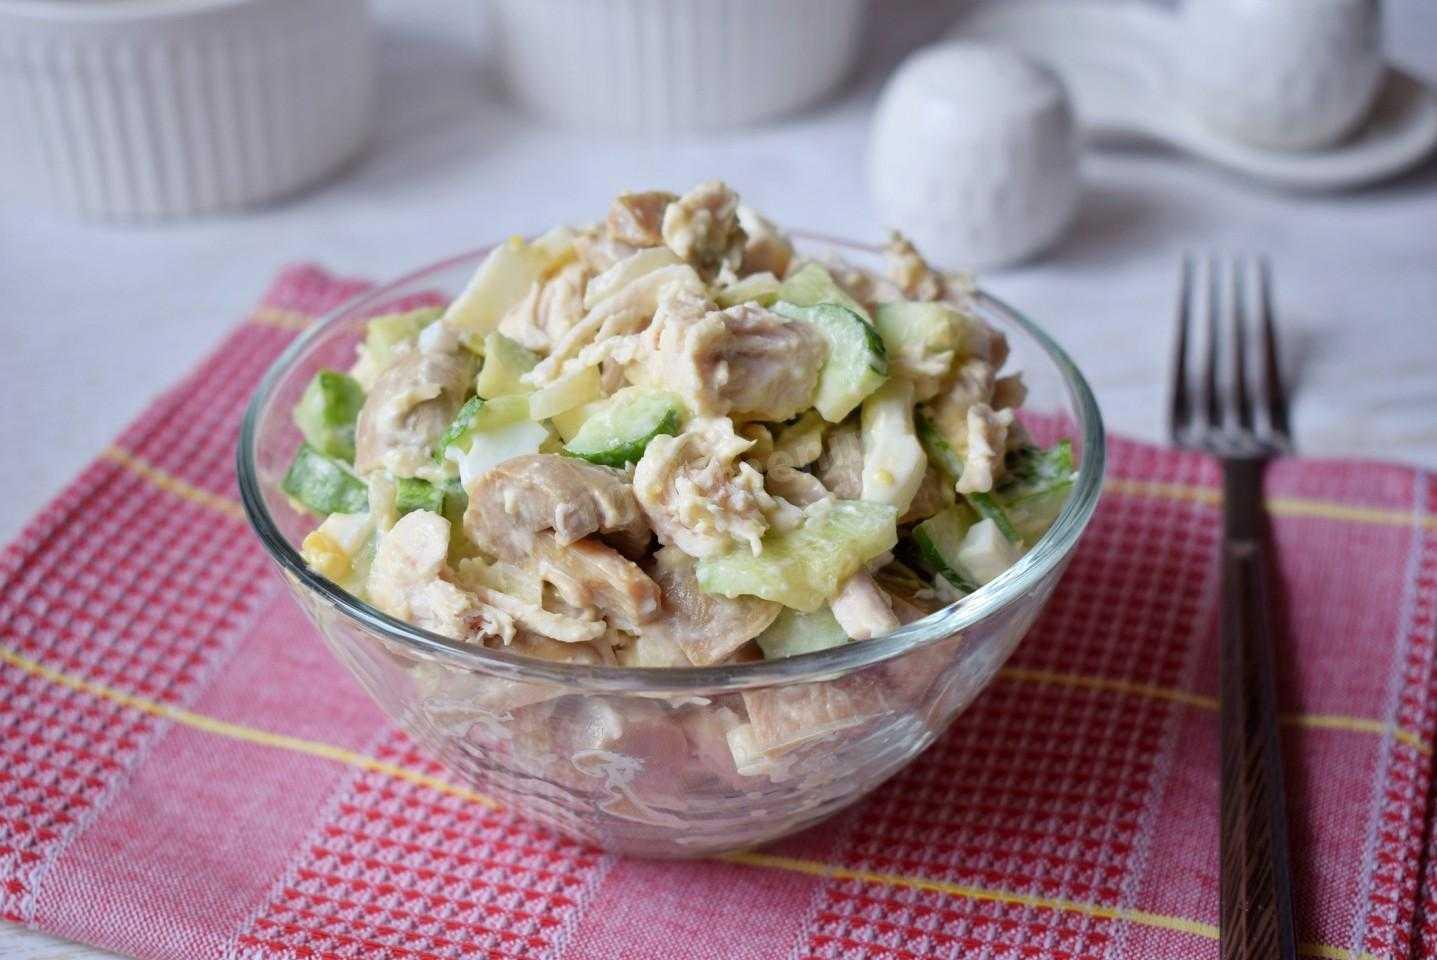 Салат с шампиньонами консервированными курицей и огурцом рецепт с фото пошагово - 1000.menu